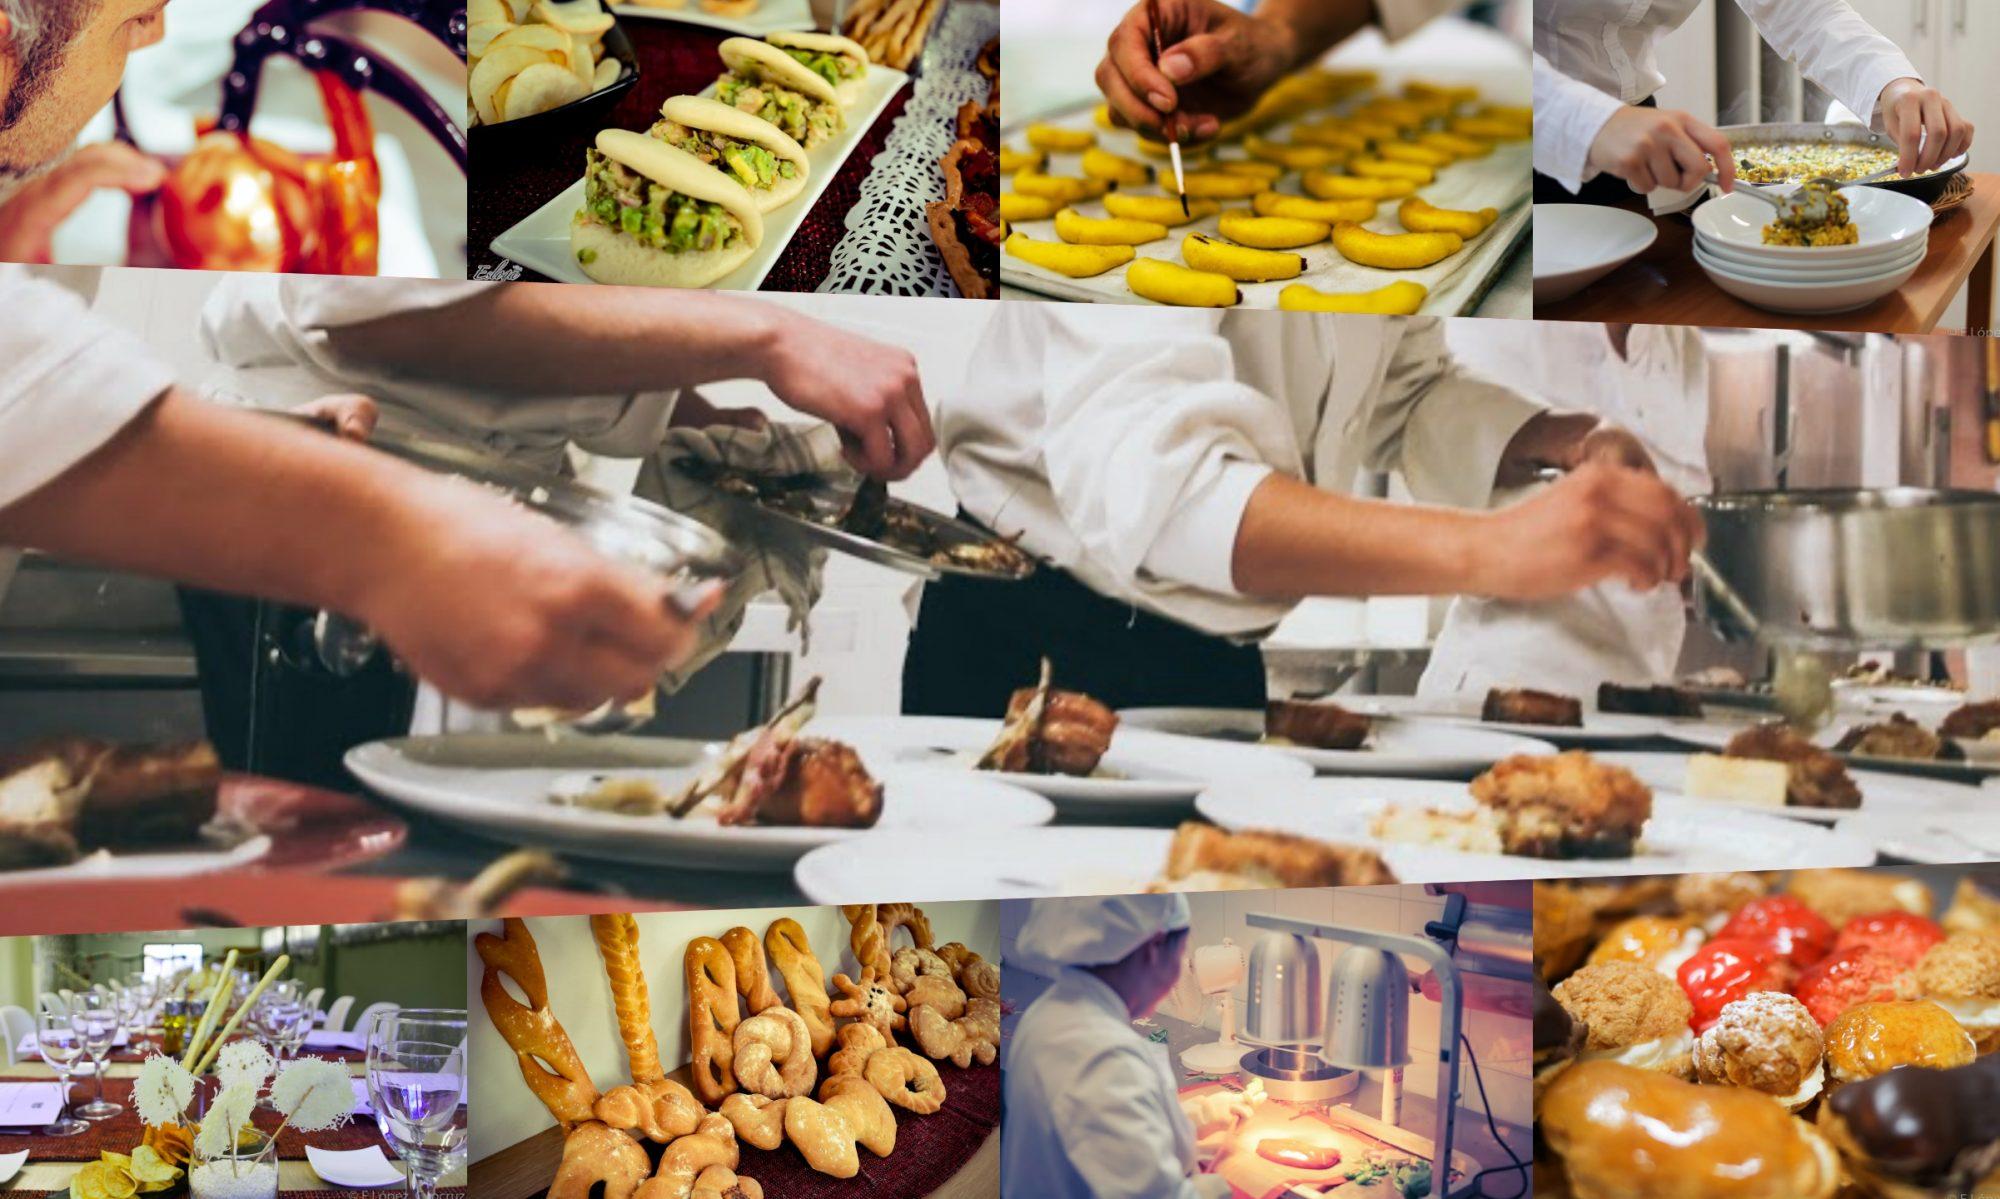 Estudiar cocina y gastronomía.